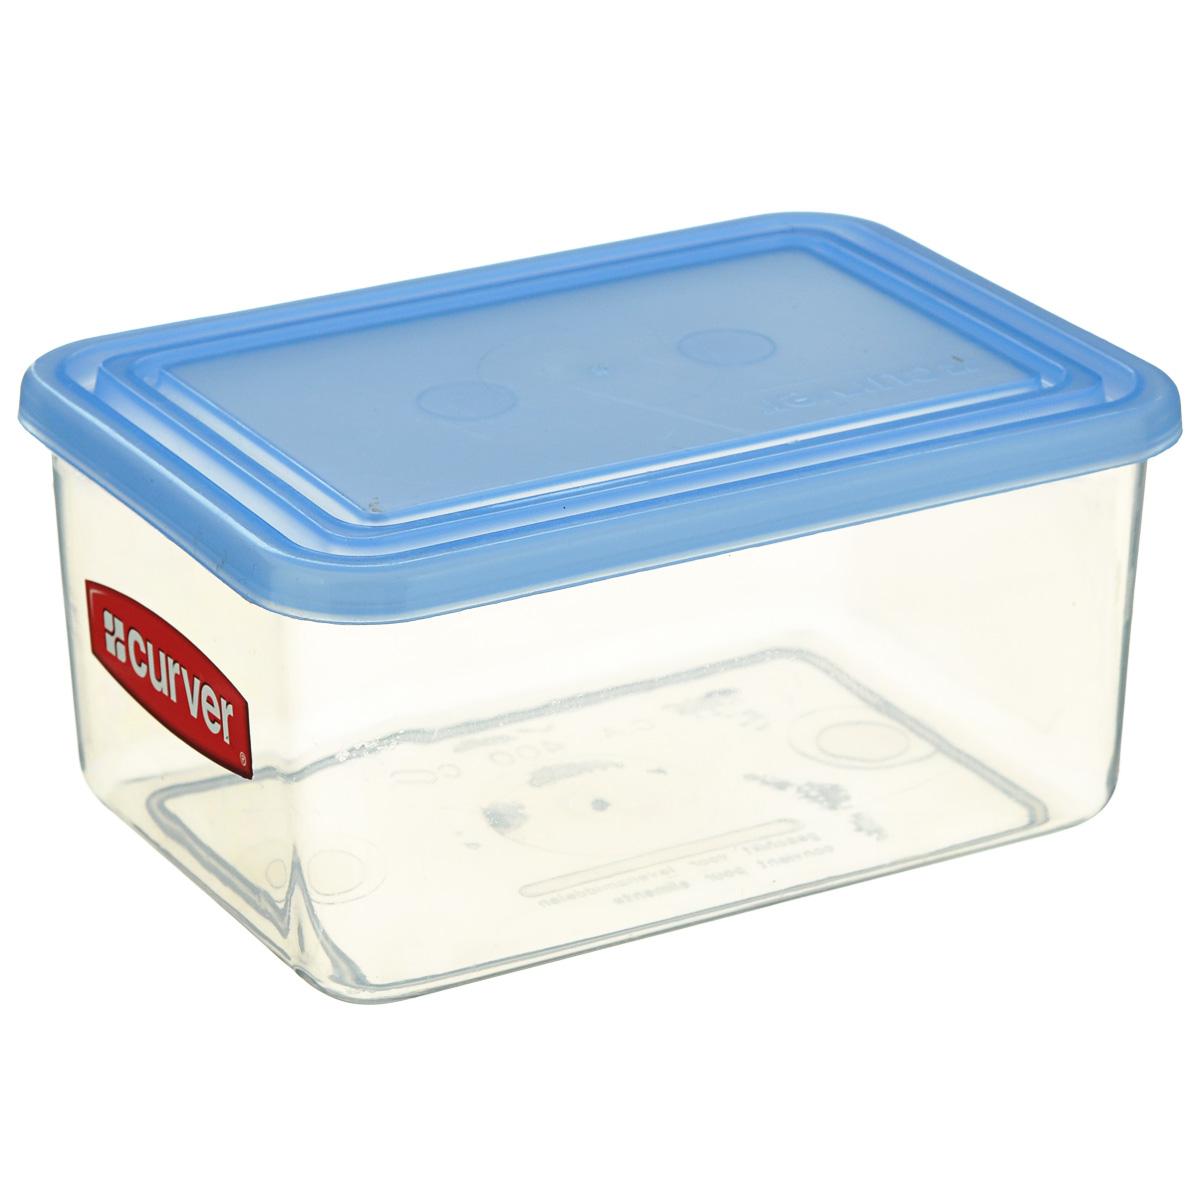 Емкость для заморозки и СВЧ Curver, цвет: голубой, 2 л03873-084-66Емкость для заморозки и СВЧ Curver изготовлена из высококачественного пищевого пластика. Стенки емкости прозрачные, а крышка цветная. Она плотно закрывается, дольше сохраняя продукты свежими. Емкость удобно брать с собой на работу, учебу, пикник и дачу. Можно использовать в микроволновой печи и для заморозки в морозильной камере.